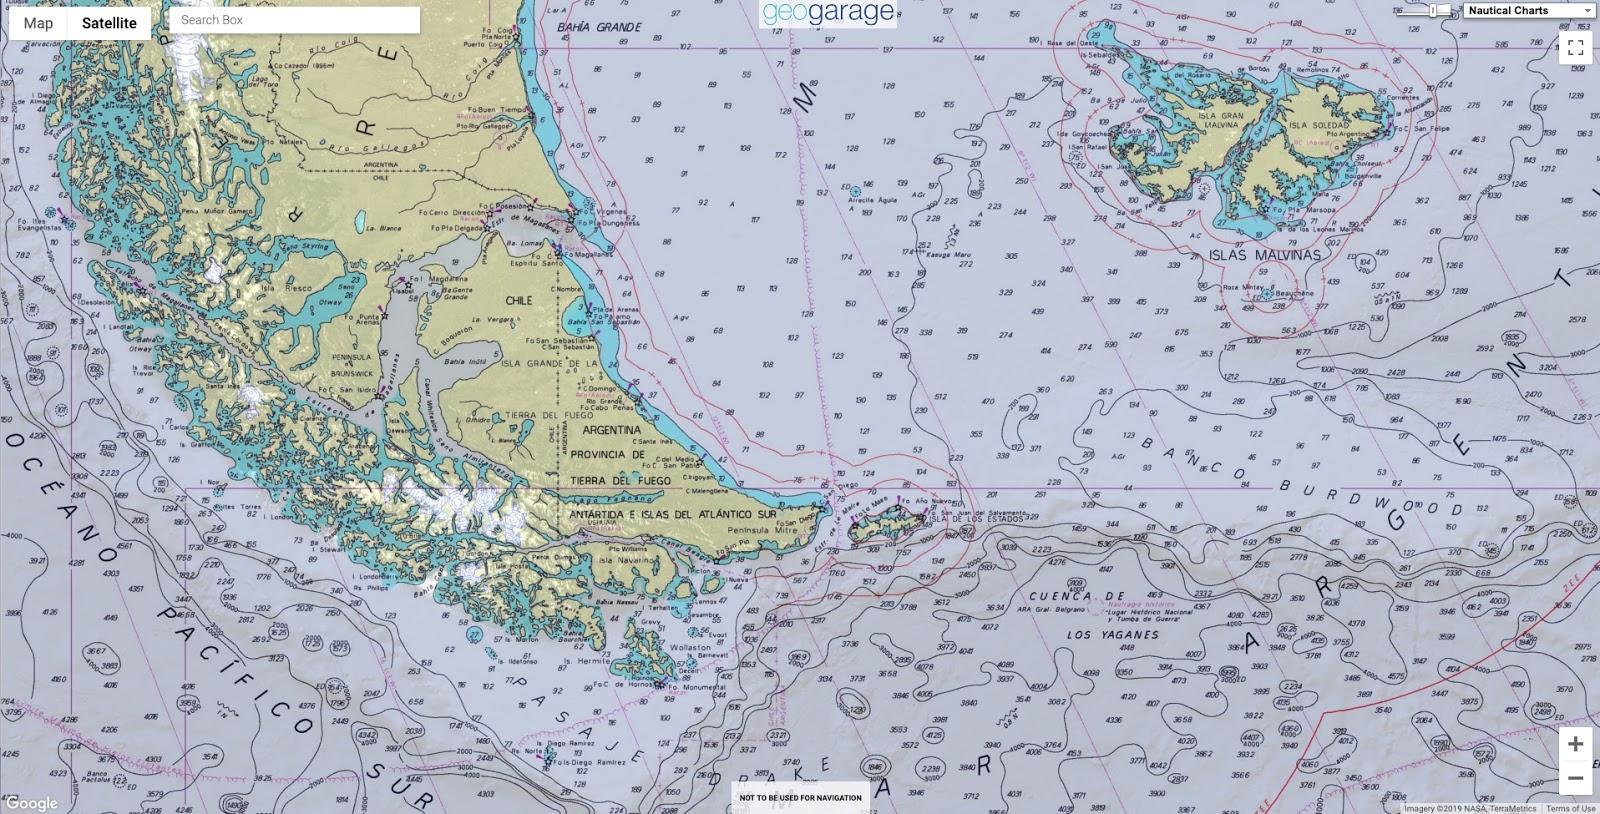 Geogarage Blog 4 28 19 5